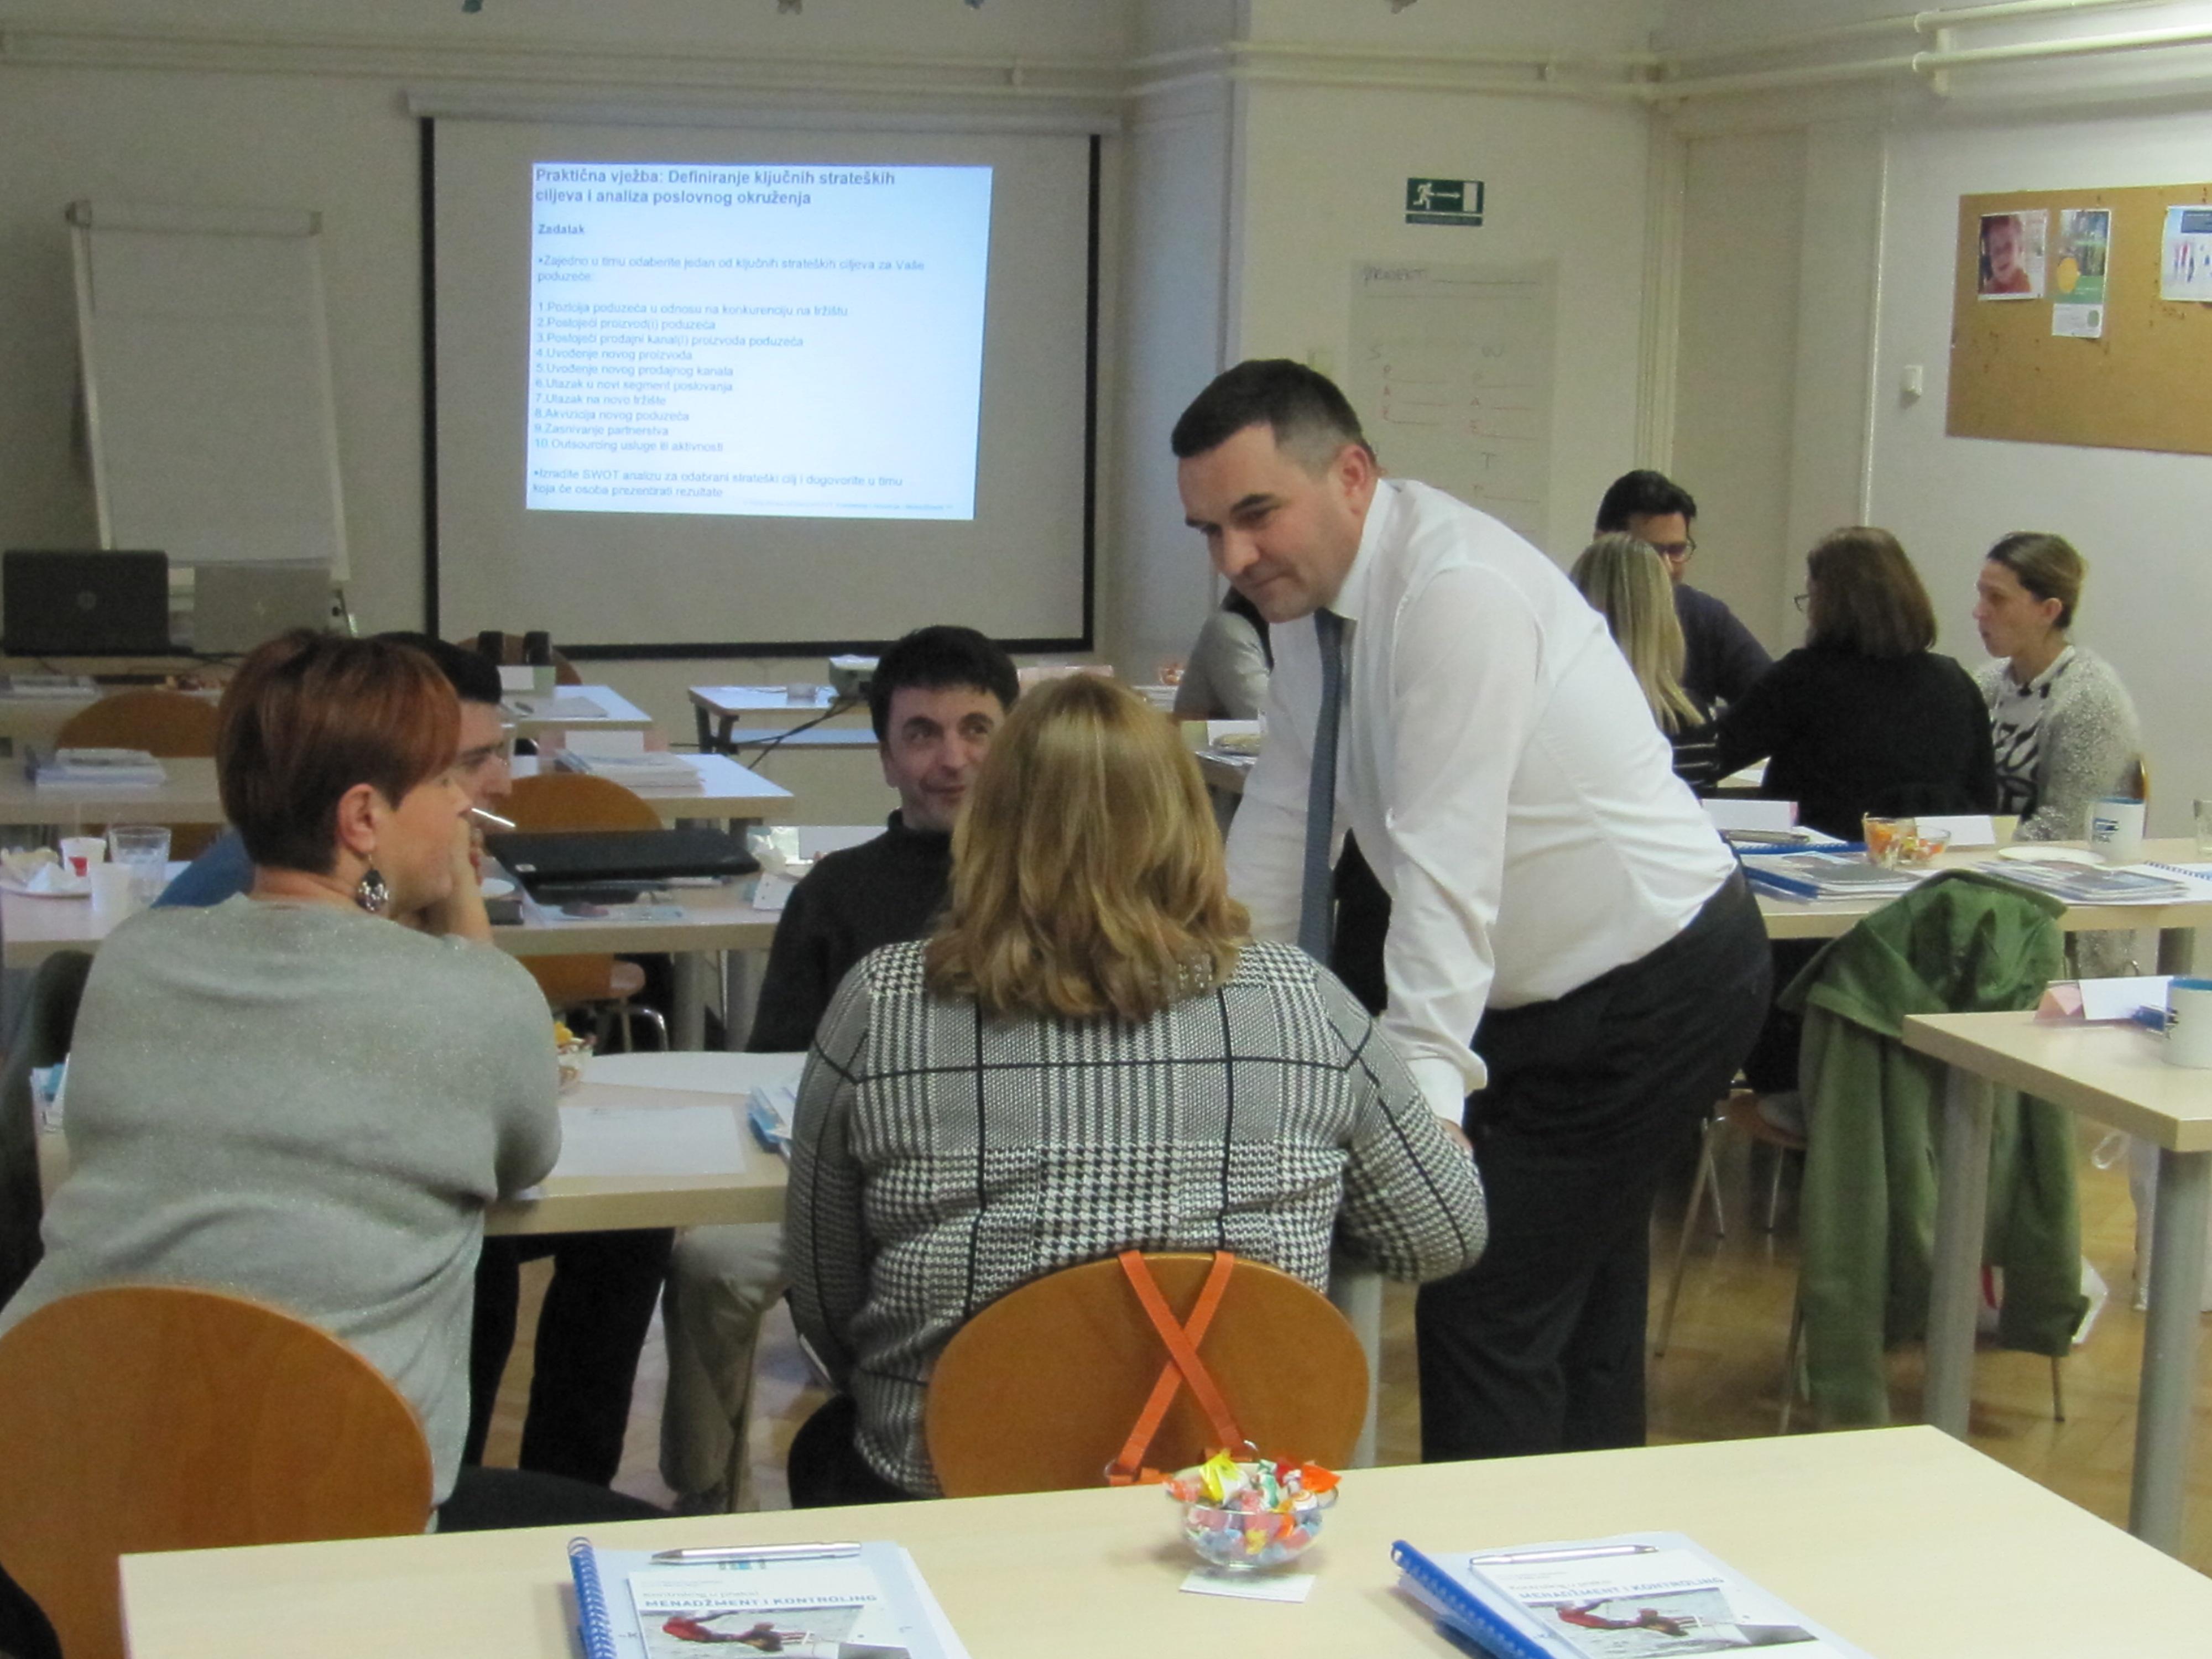 Grupni rad polaznika edukacije